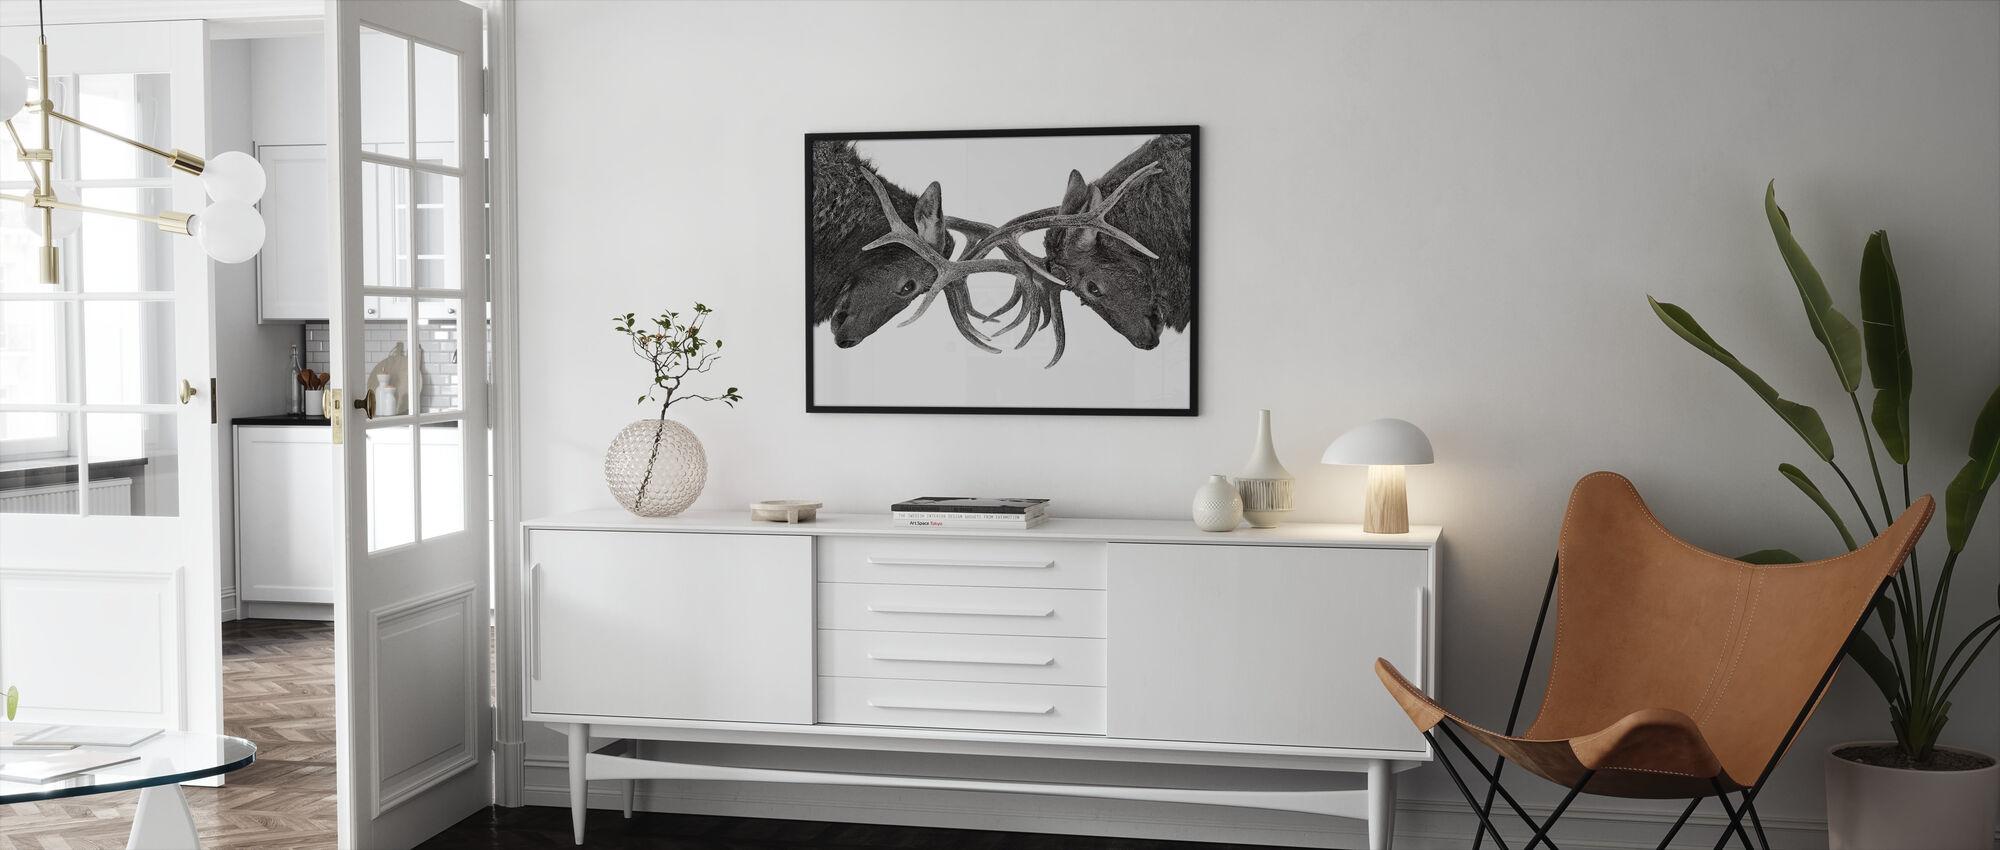 Eye to Eye - Elk fight, black and white - Framed print - Living Room